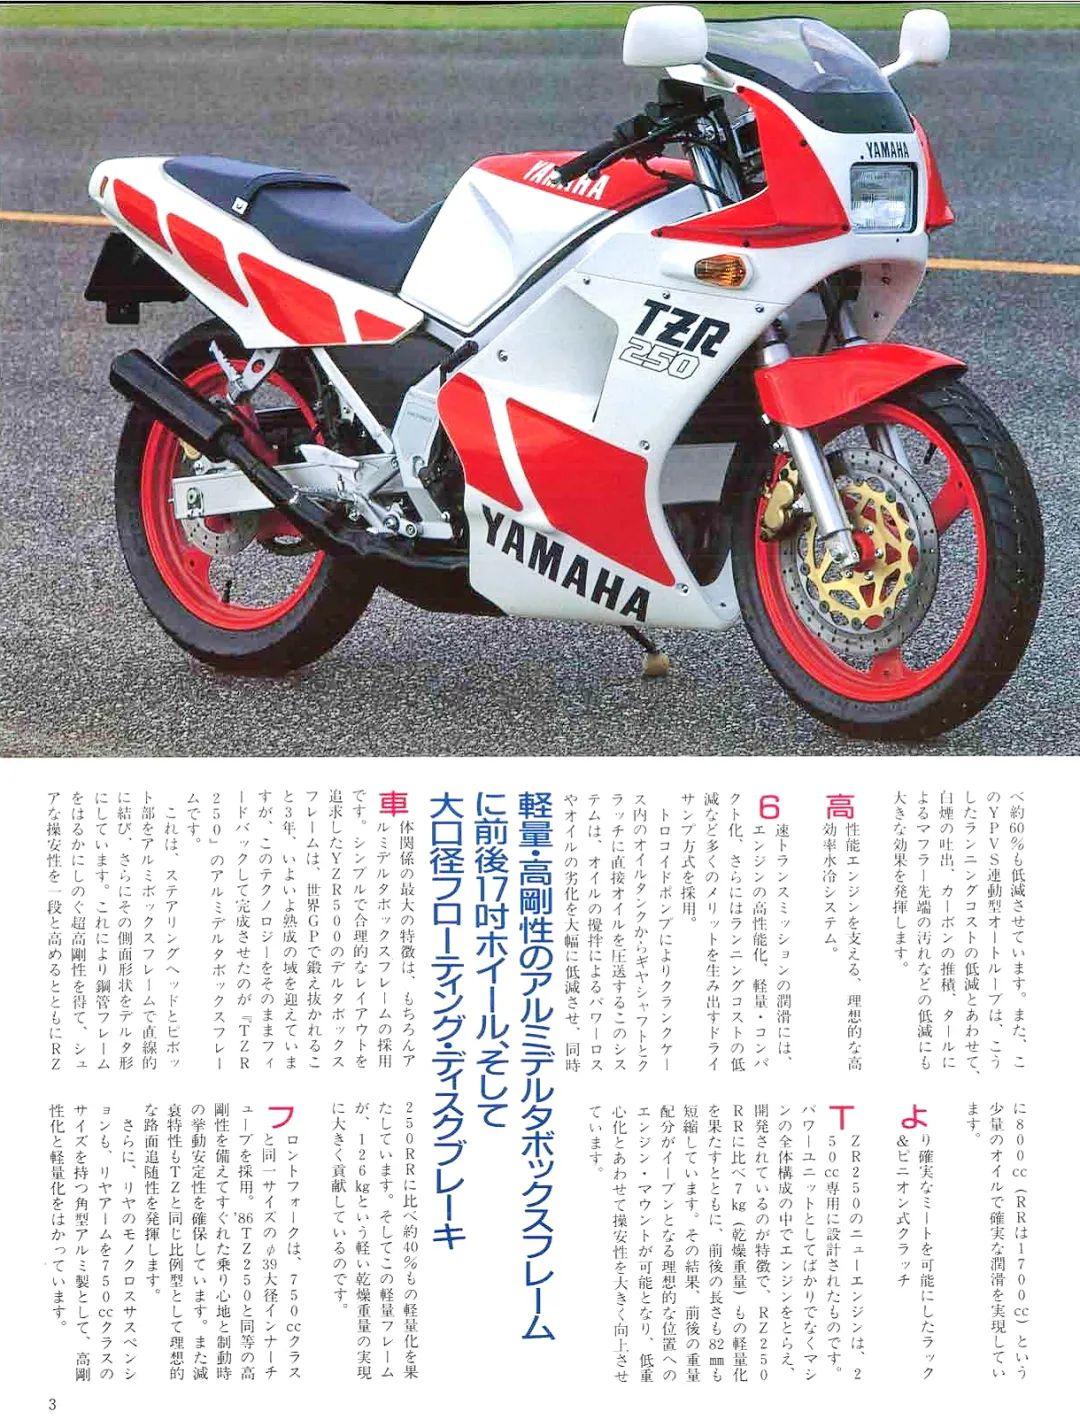 车型历史图库:雅马哈Yamaha TZR250 第一代-第7张图片-春风行摩托车之家